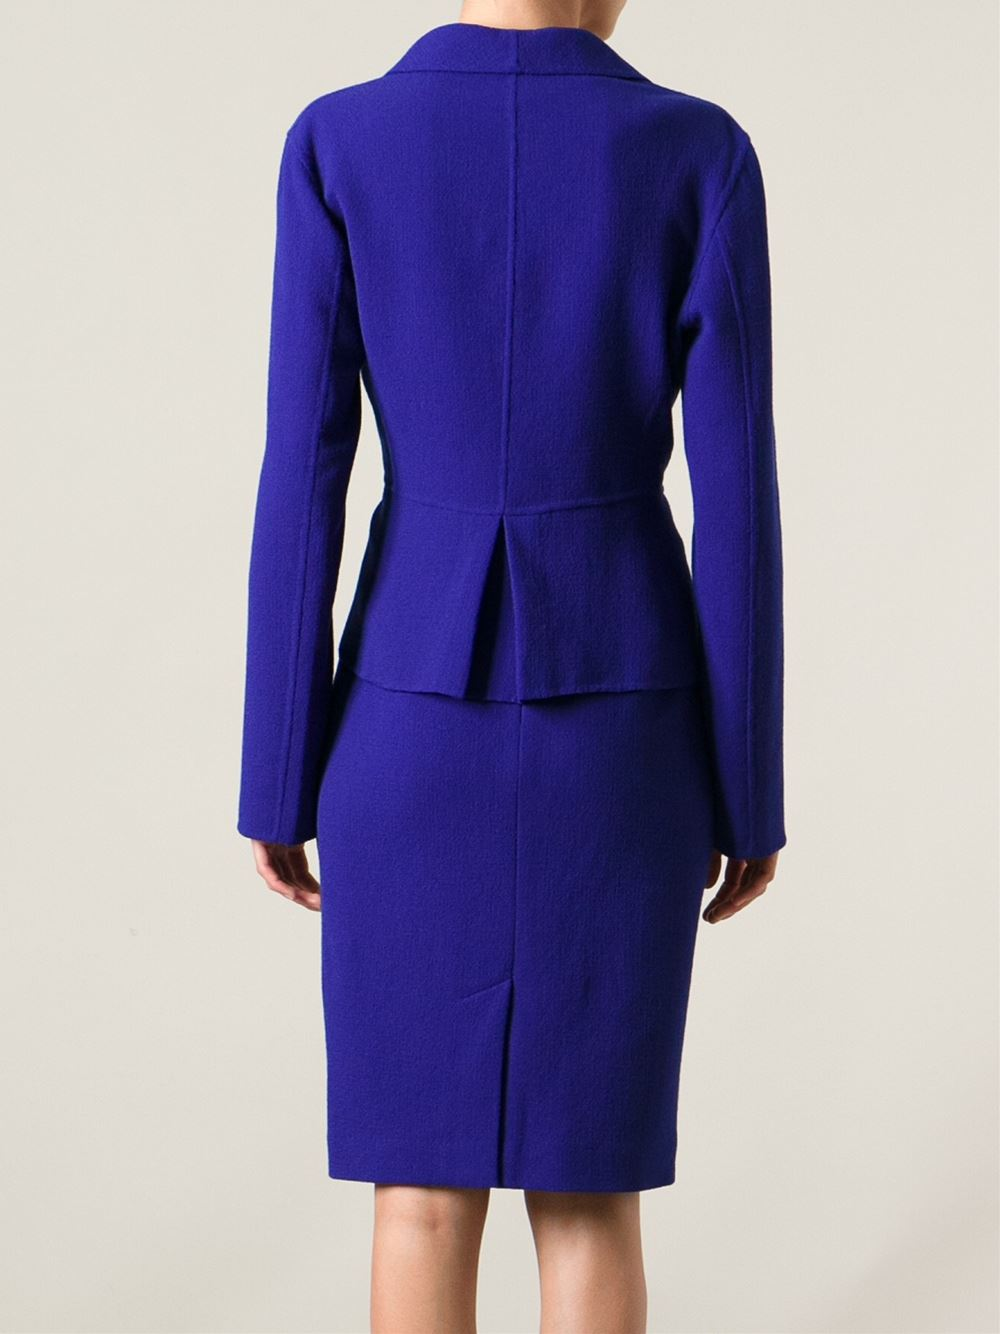 Armani Workwear 16-19